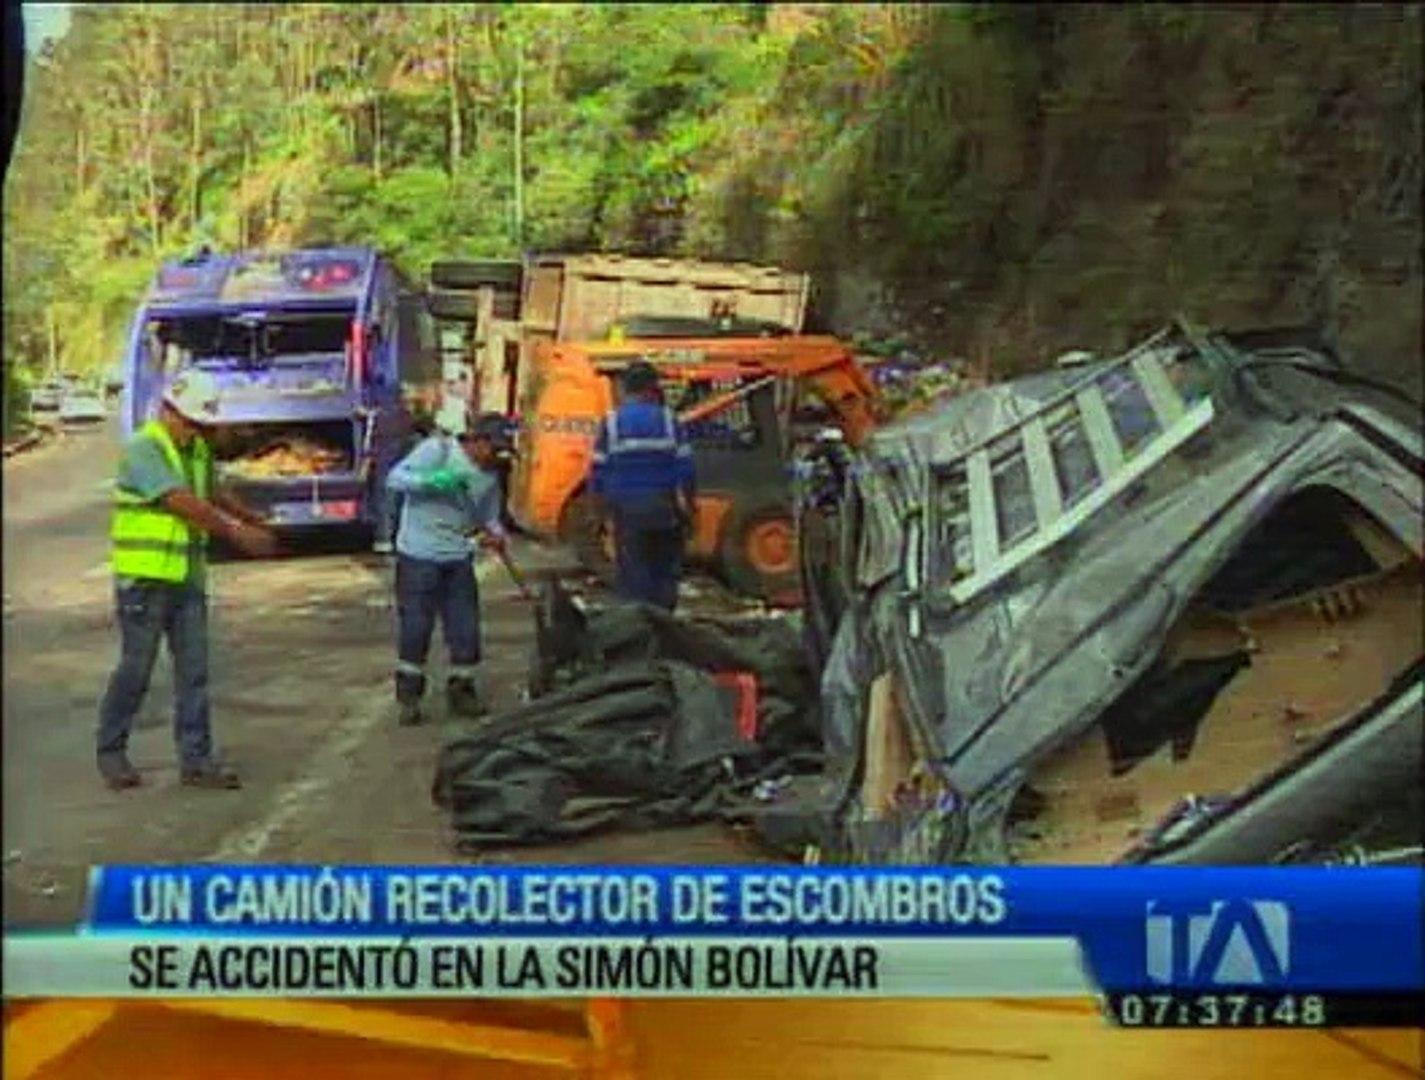 Un camión impactó una furgoneta en la avenida Simón Bolívar